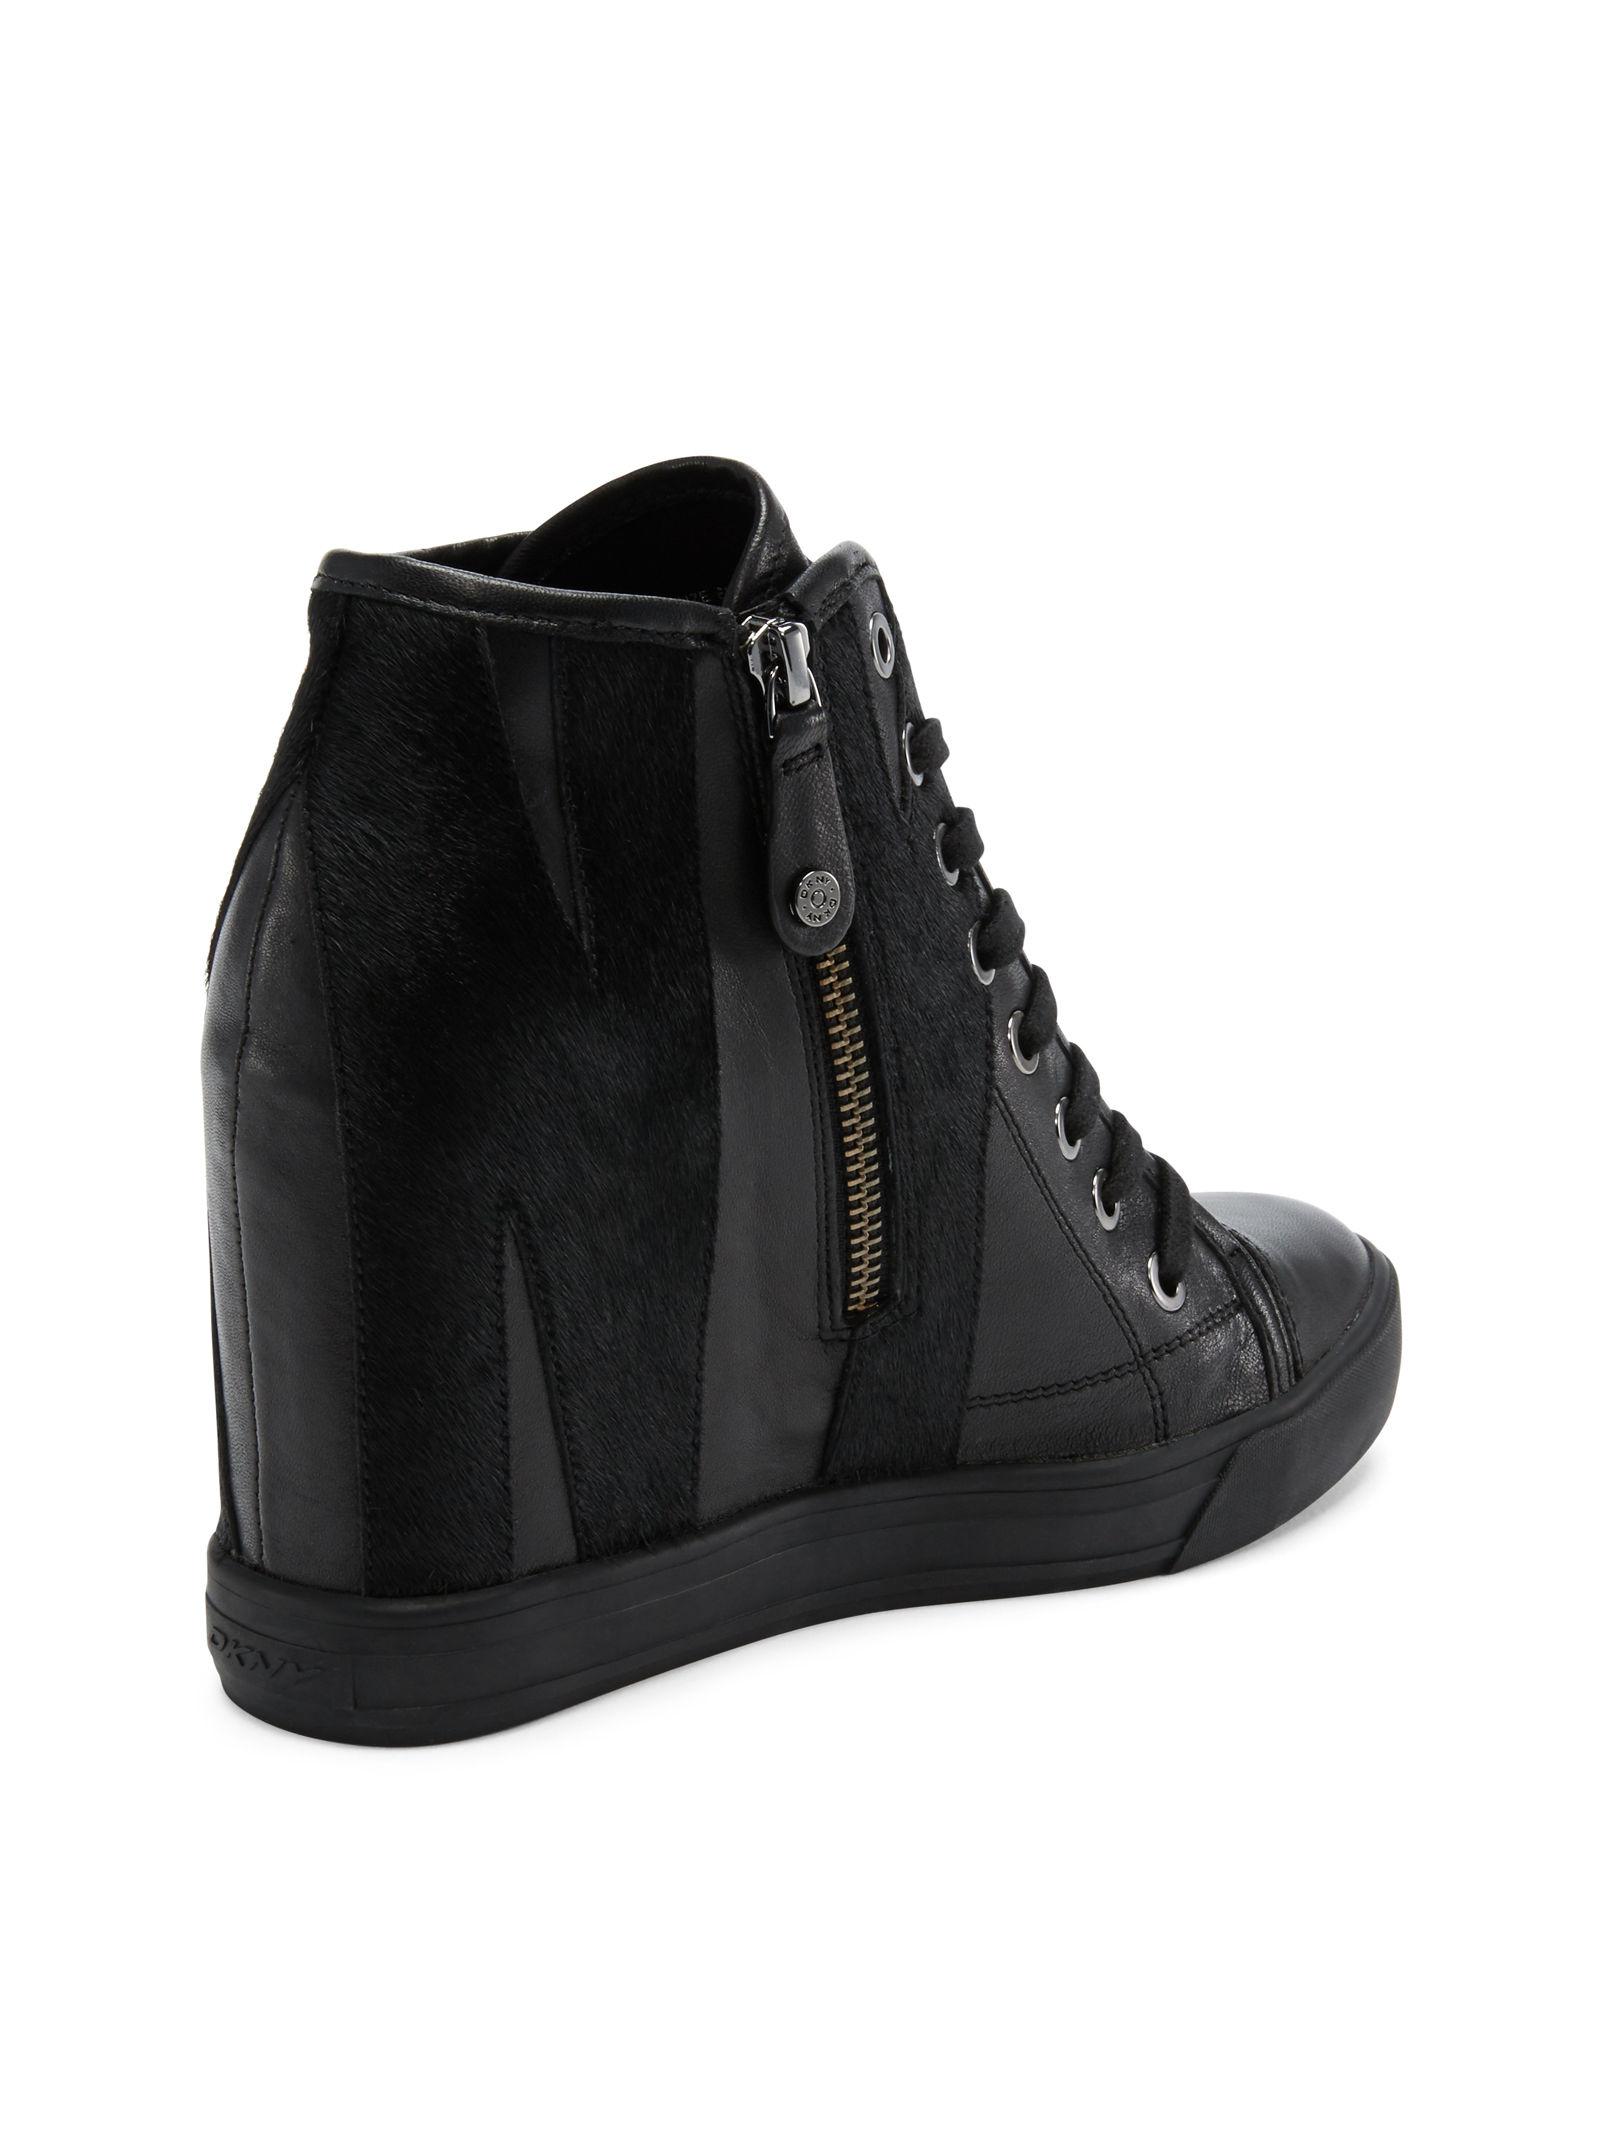 5cfcc79f12c6 Lyst - DKNY Grommet Zip Wedge Sneaker in Black